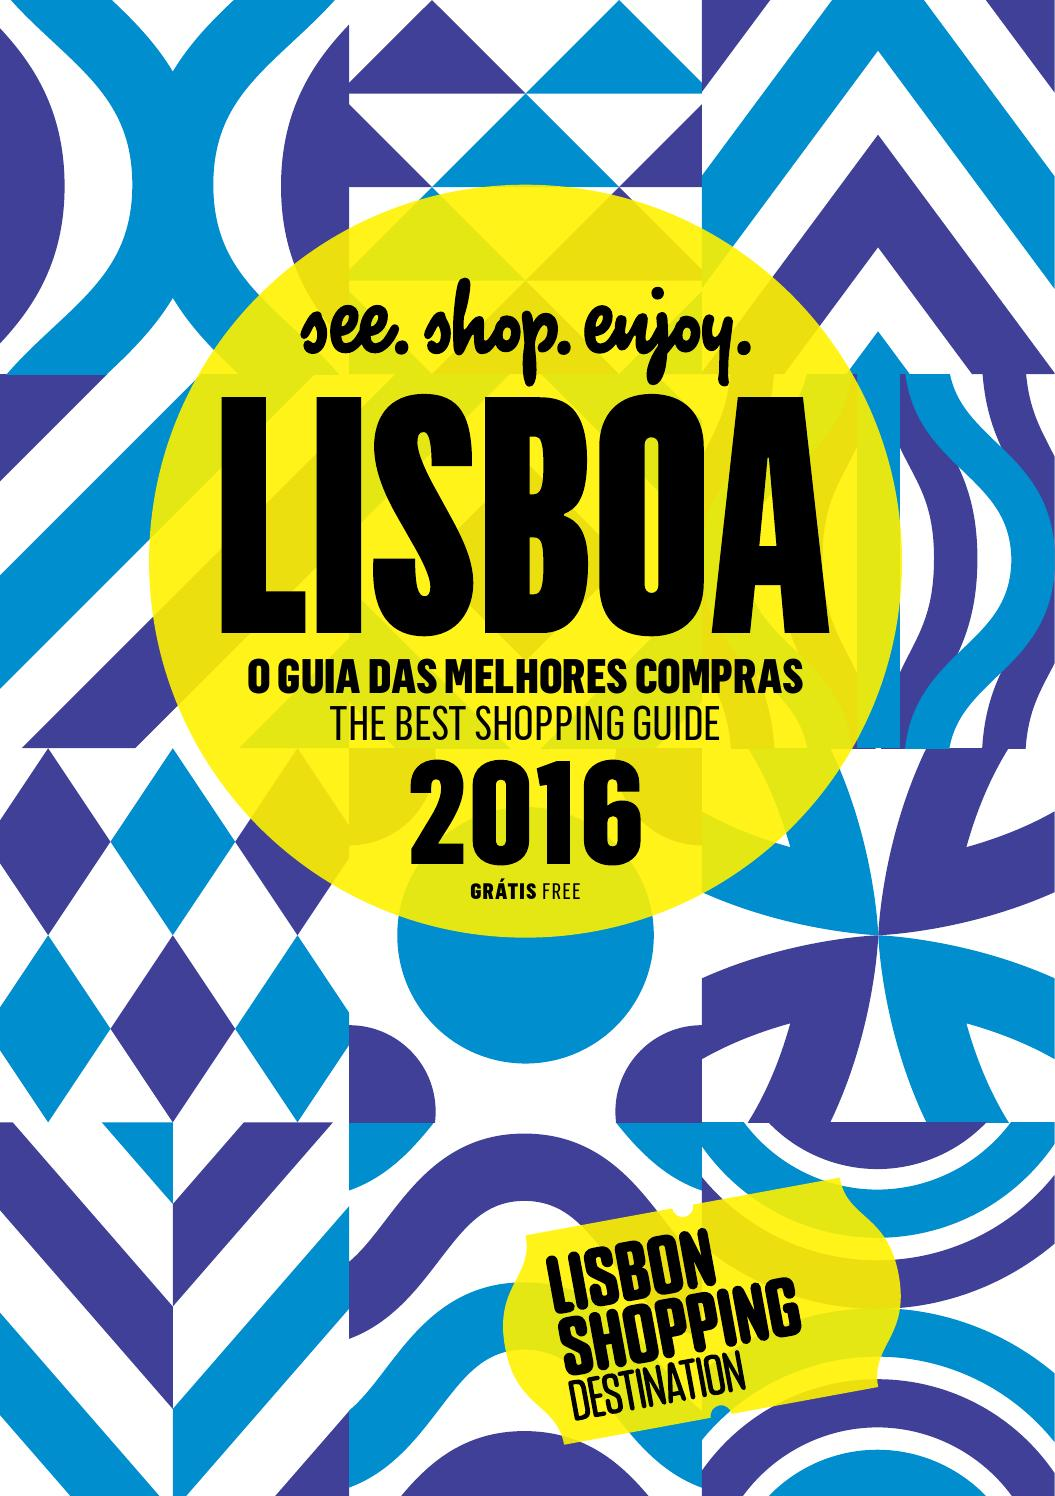 Guia das melhores compras lisbon shopping destination 2016 by caf guia das melhores compras lisbon shopping destination 2016 by caf pessoa issuu fandeluxe Choice Image